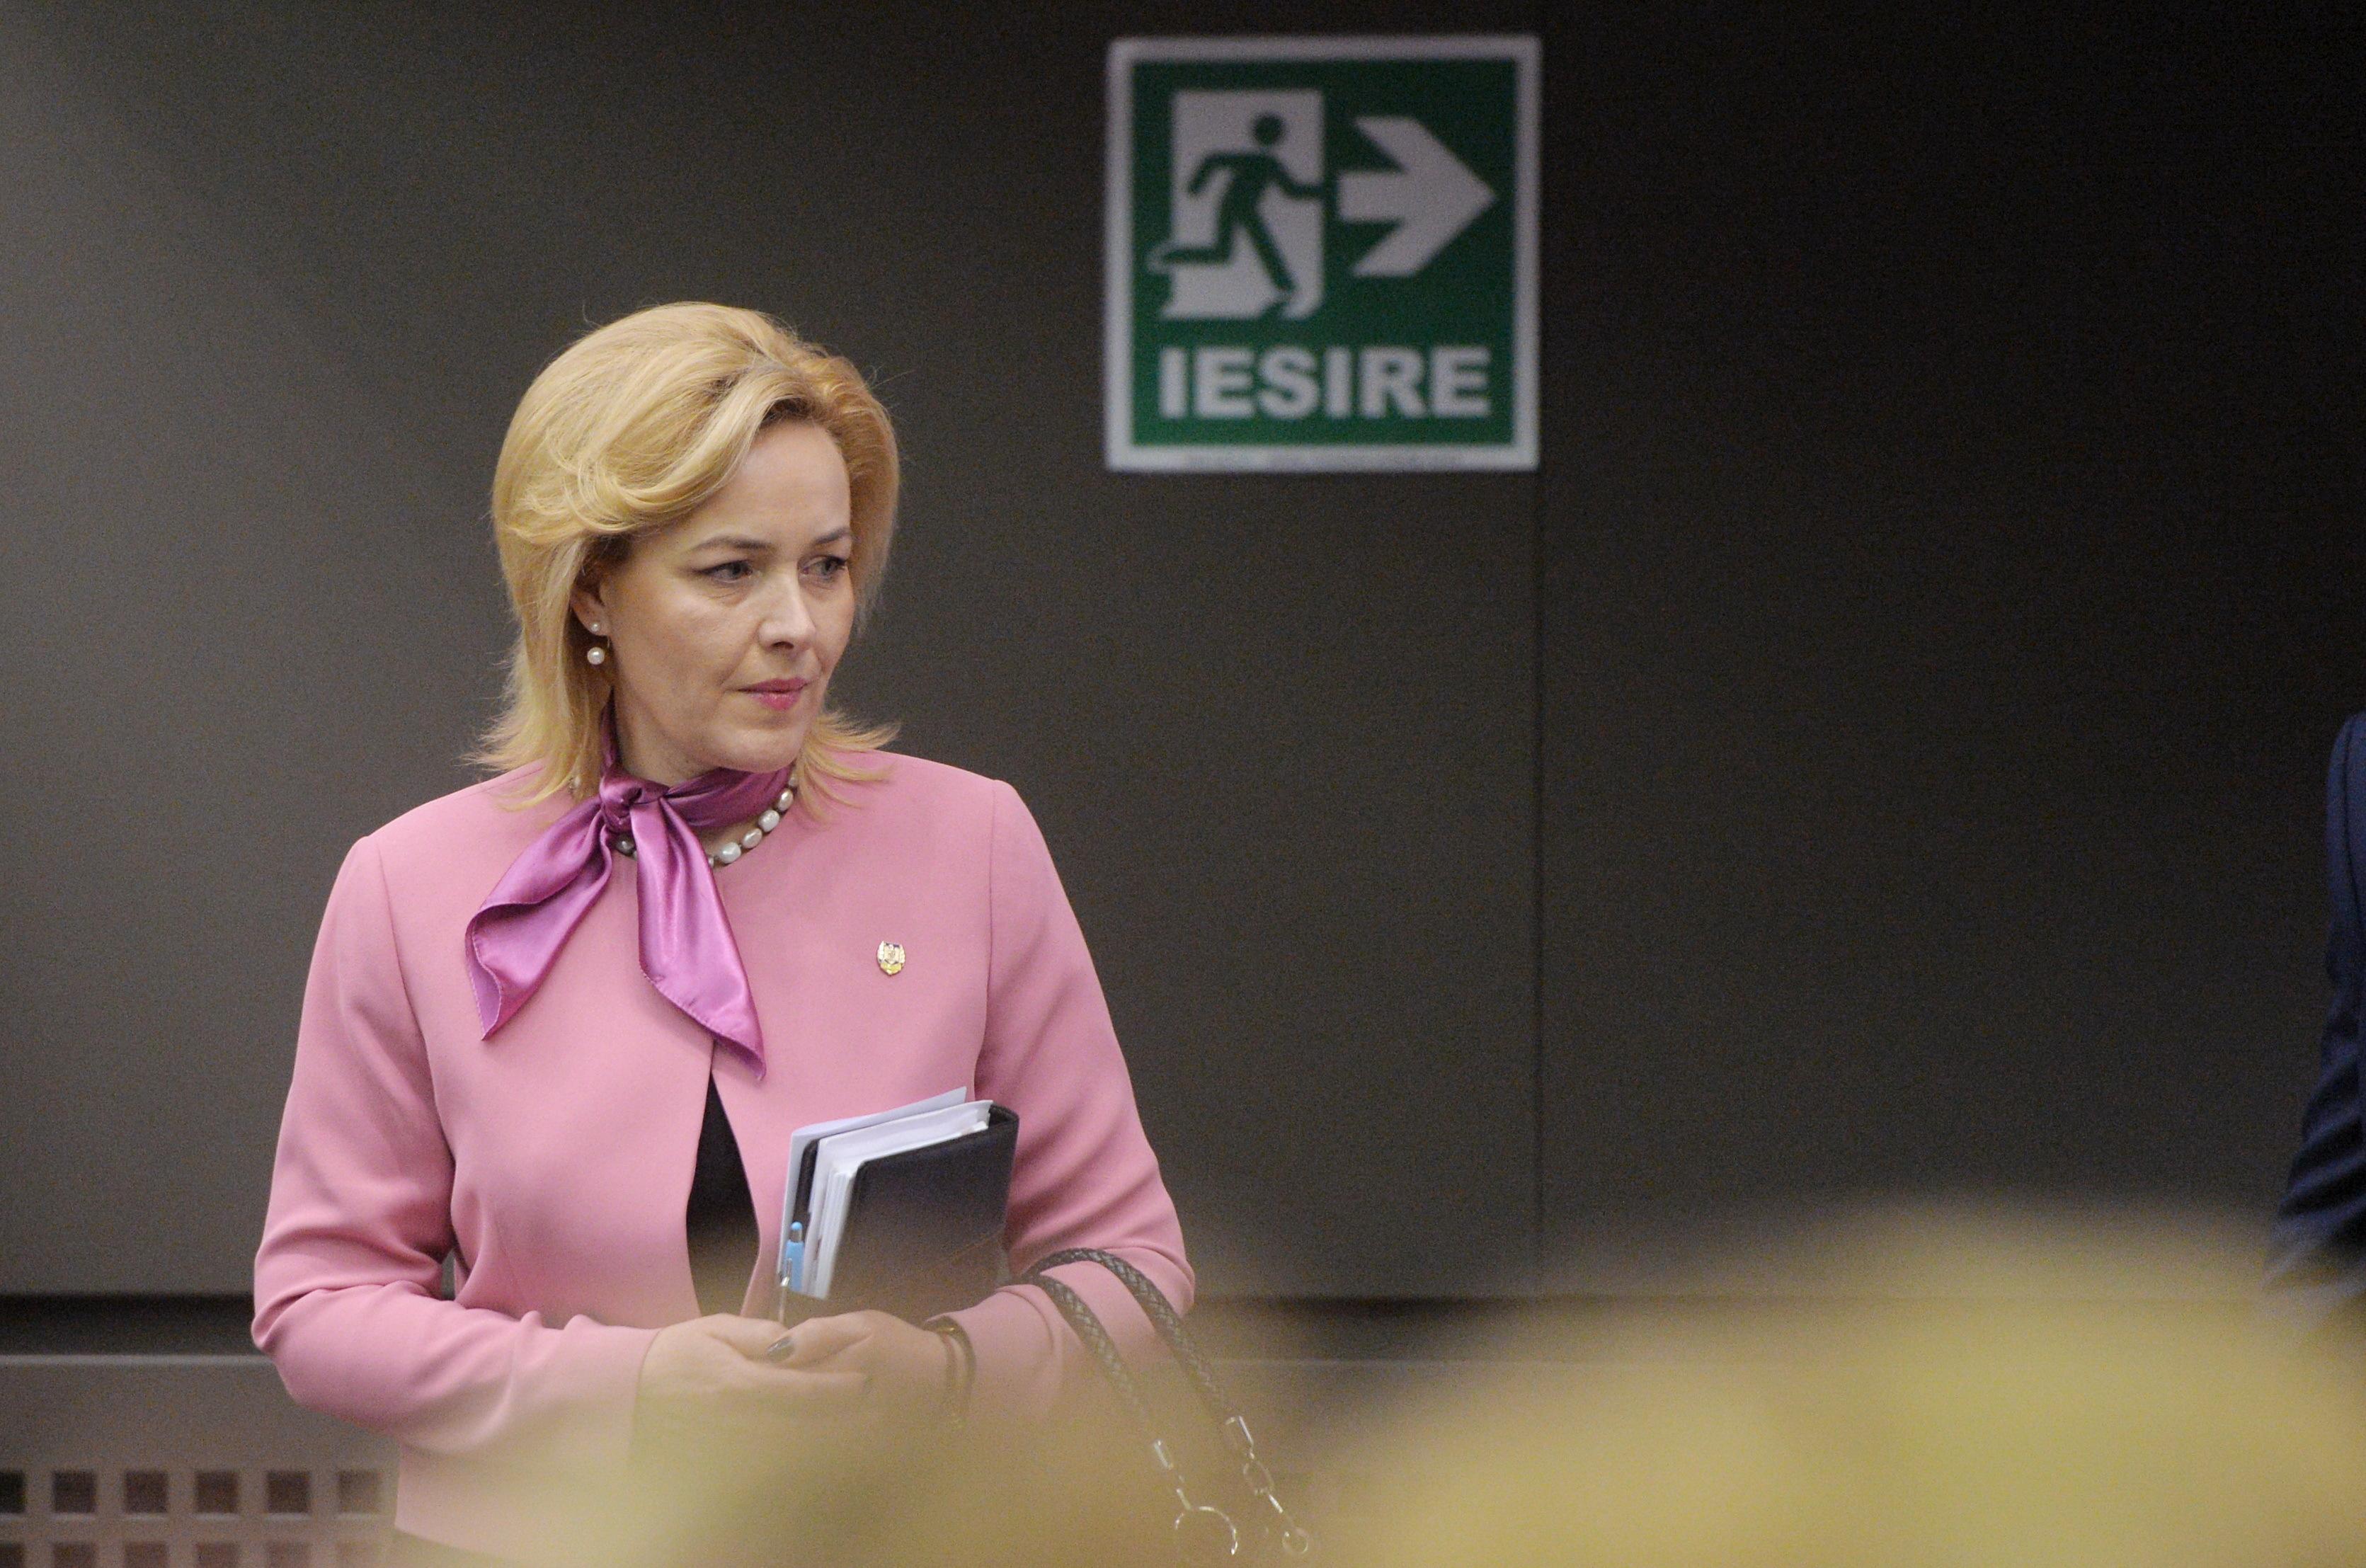 Cei cinci consilieri ai ministrului Carmen Dan, care beneficiază şi de pensie şi salariu, şi-au dat demisia